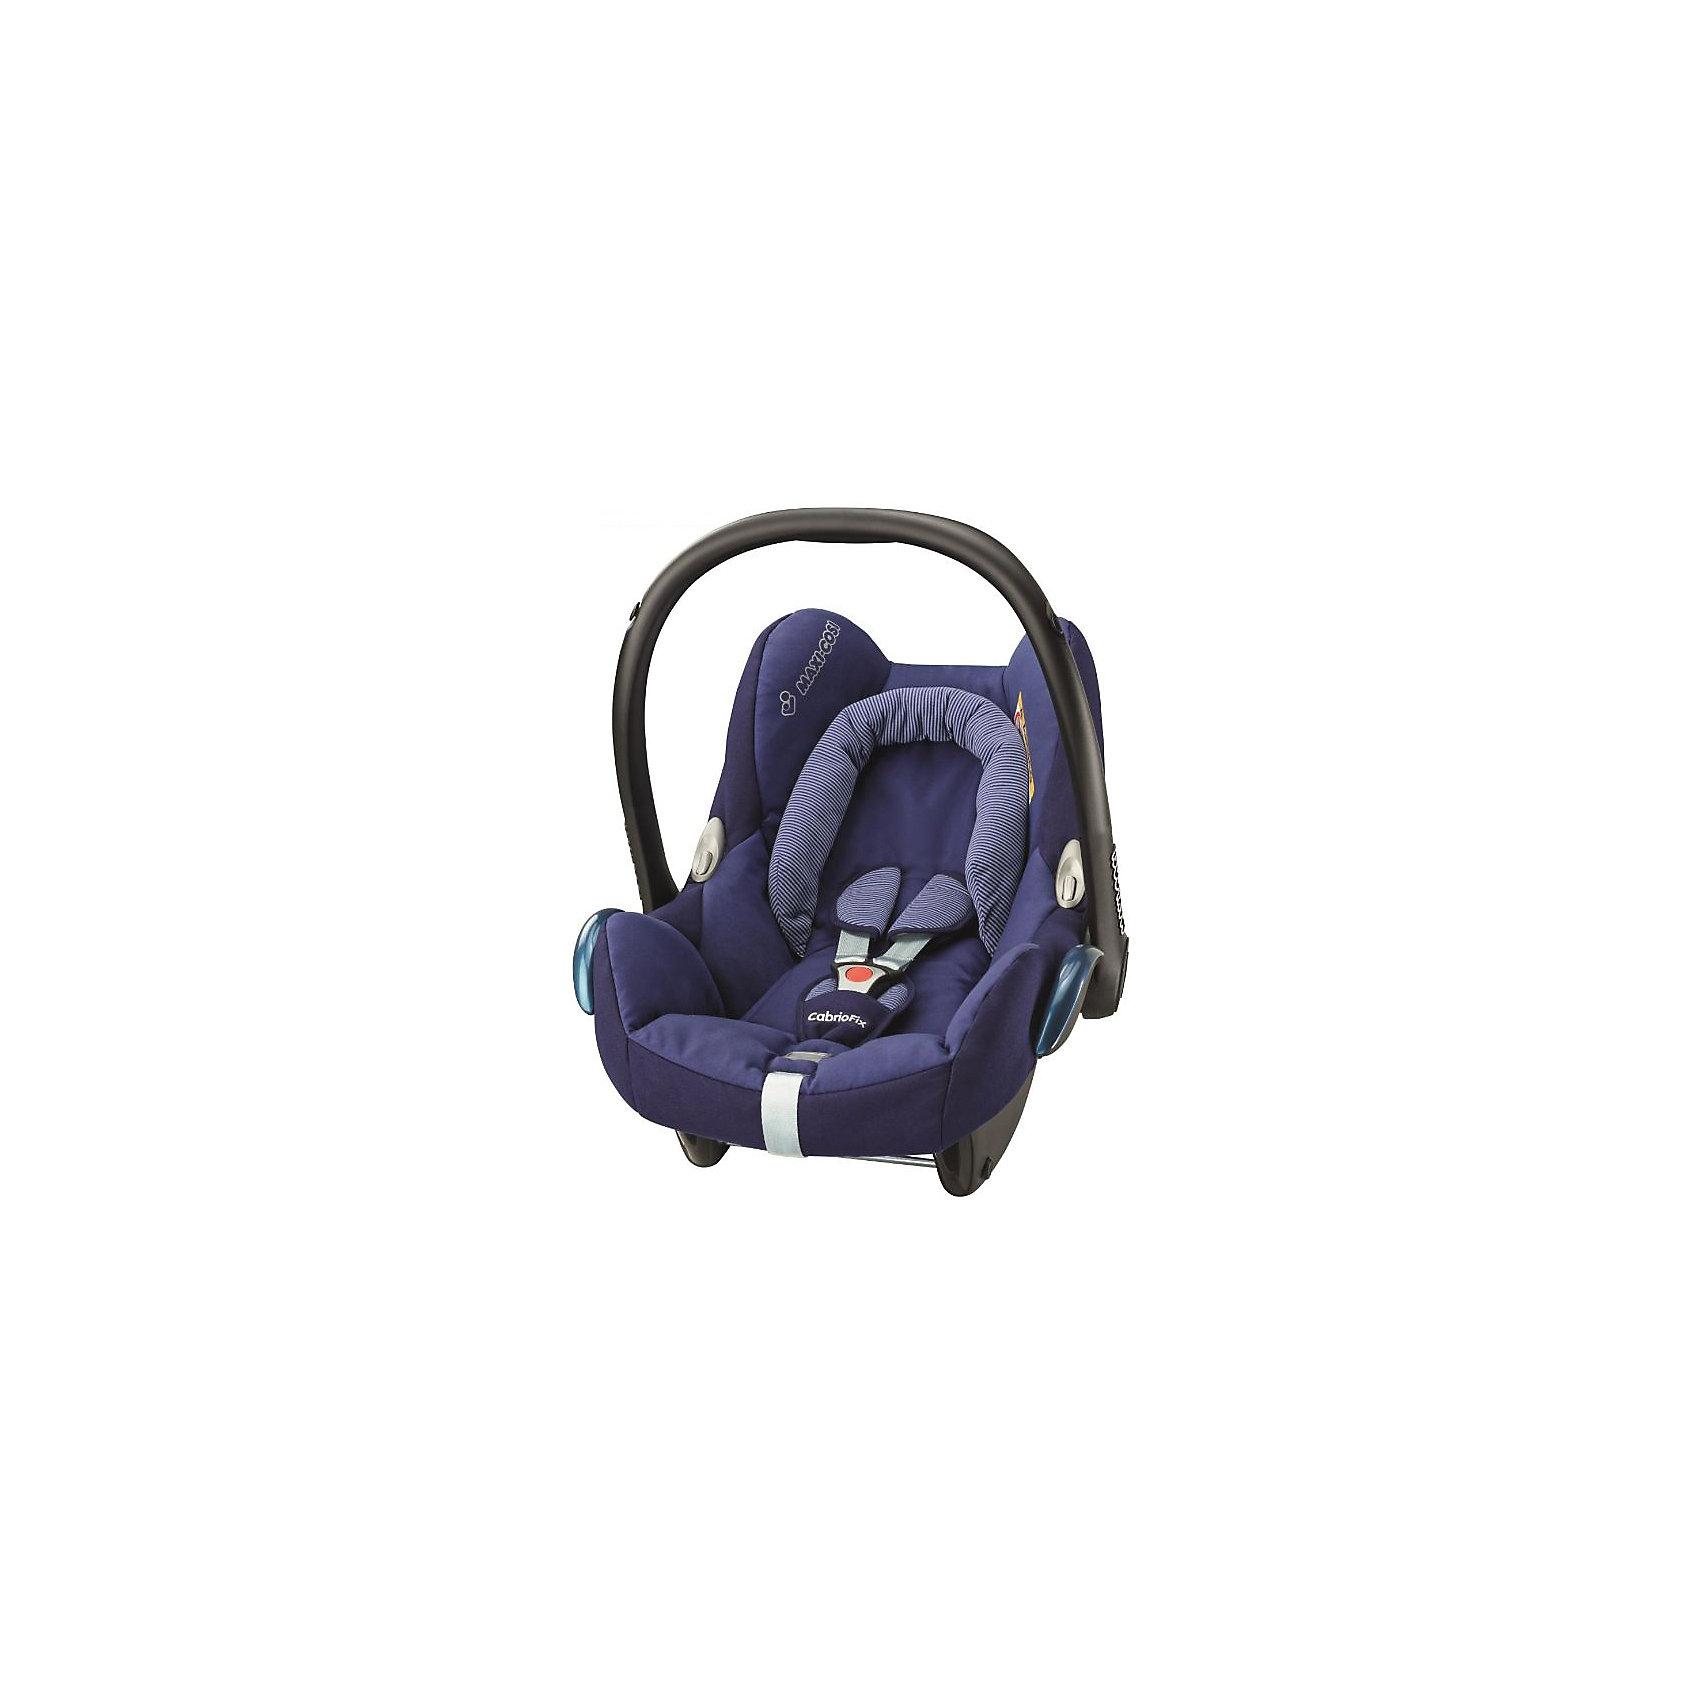 Автокресло Maxi-Cosi CabrioFix 0-13 кг, River BlueГруппа 0+ (До 13 кг)<br>Удобное высокотехнологичное автокресло-переноска позволит перевозить ребенка, не беспокоясь при этом о его безопасности. Оно предназначено для предназначено для детей весом  до 13 килограмм. Такое кресло обеспечит малышу не только безопасность, но и удобство (тент от солнца а и анатомическая подушка). Ребенок надежно фиксируется в кресле и ездит с комфортом.<br>Автокресло устанавливают против движения. Такое кресло дает возможность свободно путешествовать, ездить в гости и при этом  быть рядом с малышом. Конструкция - очень удобная и прочная. Изделие произведено из качественных и безопасных для малышей материалов, оно соответствуют всем современным требованиям безопасности. Оно отлично показало себя на краш-тестах.<br> <br>Дополнительная информация:<br><br>цвет: синий;<br>материал: текстиль, пластик;<br>вес ребенка:  от 0 до 13 кг;<br>вес кресла: 3,5 кг;<br>съемный чехол;<br>карман для вещей;<br>анатомическая подушка;<br>внутренние ремни - трехточечные, с мягкими накладками;<br>регулировка высоты внутренних ремней;<br>регулировка наклона спинки;<br>регулировка высоты подголовника;<br>ручка для переноски;<br>тент от солнца.<br><br>Автокресло CabrioFix 0-13 кг., River Blue от компании Maxi-Cosi можно купить в нашем магазине.<br><br>Ширина мм: 445<br>Глубина мм: 375<br>Высота мм: 725<br>Вес г: 3300<br>Возраст от месяцев: 0<br>Возраст до месяцев: 12<br>Пол: Унисекс<br>Возраст: Детский<br>SKU: 4709563